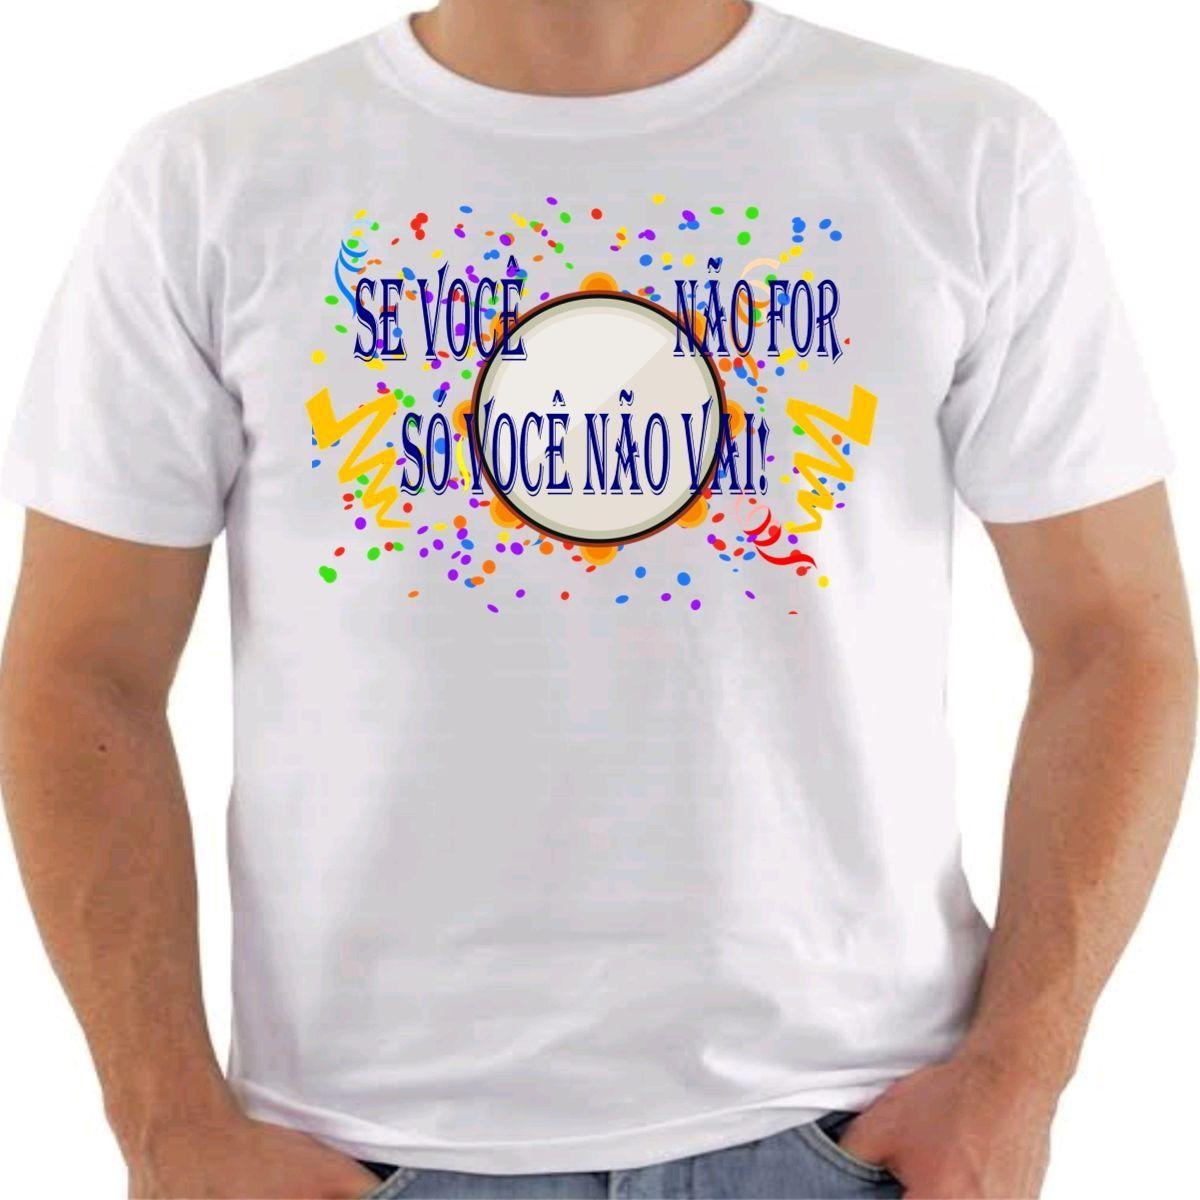 113b64cab7 Camisas Para o Carnaval no Elo7